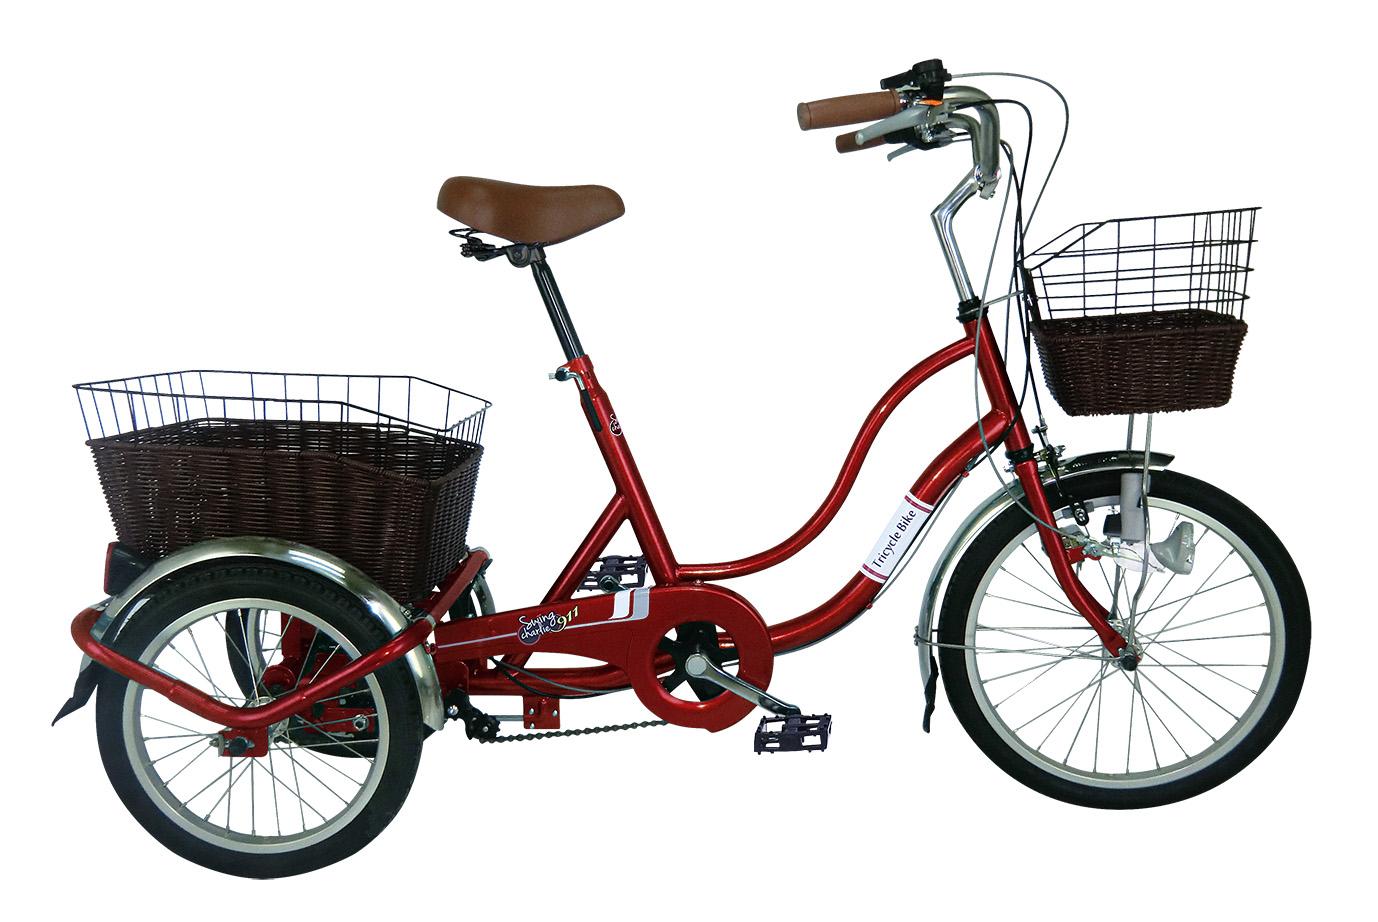 大回りしない 小回りが効くスイング機能 SWING CHARLIE911 ノーパンク三輪自転車G MG-TRW20NG ワインレッド 激安自転車 ミムゴ MIMUGO 通販 おすすめ特集 05P27May16 3輪自転車 安心の実績 高価 買取 強化中